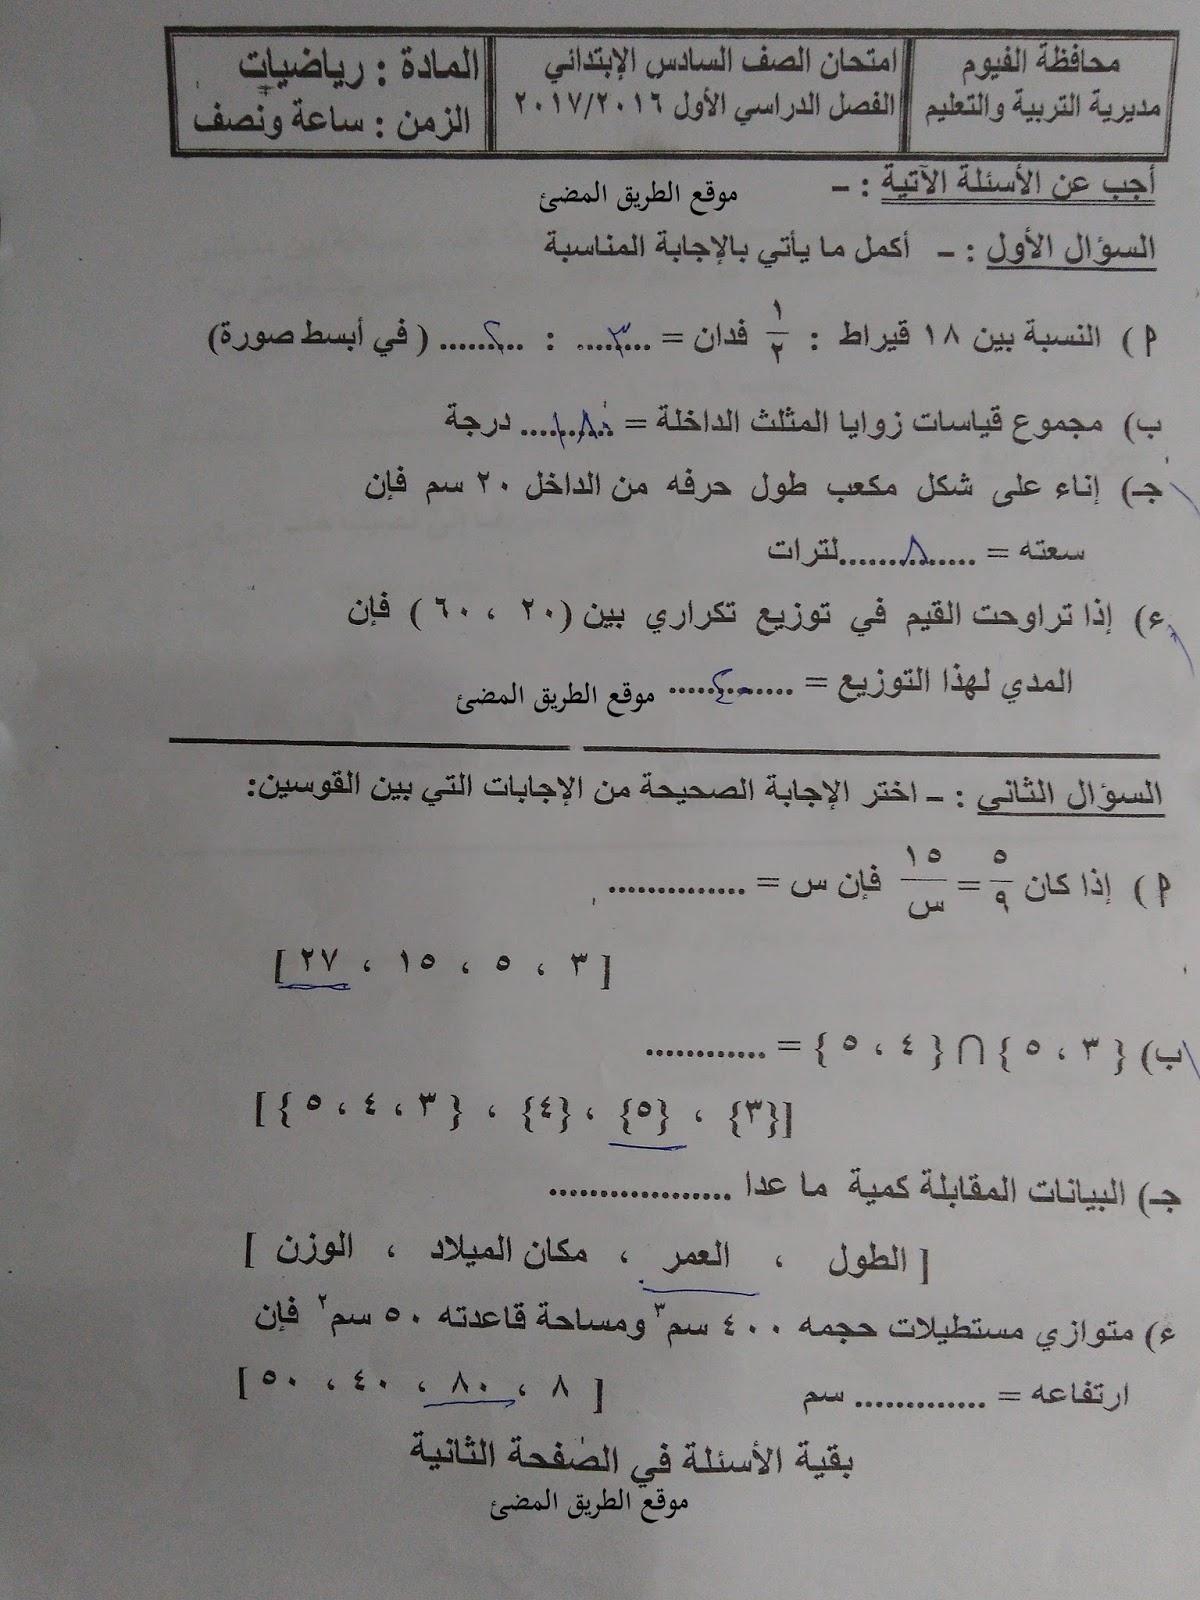 حمل امتحان نصف العام الرسمى فى الرياضيات الصف السادس الابتدائي محافظة الفيوم  الترم الاول 2017